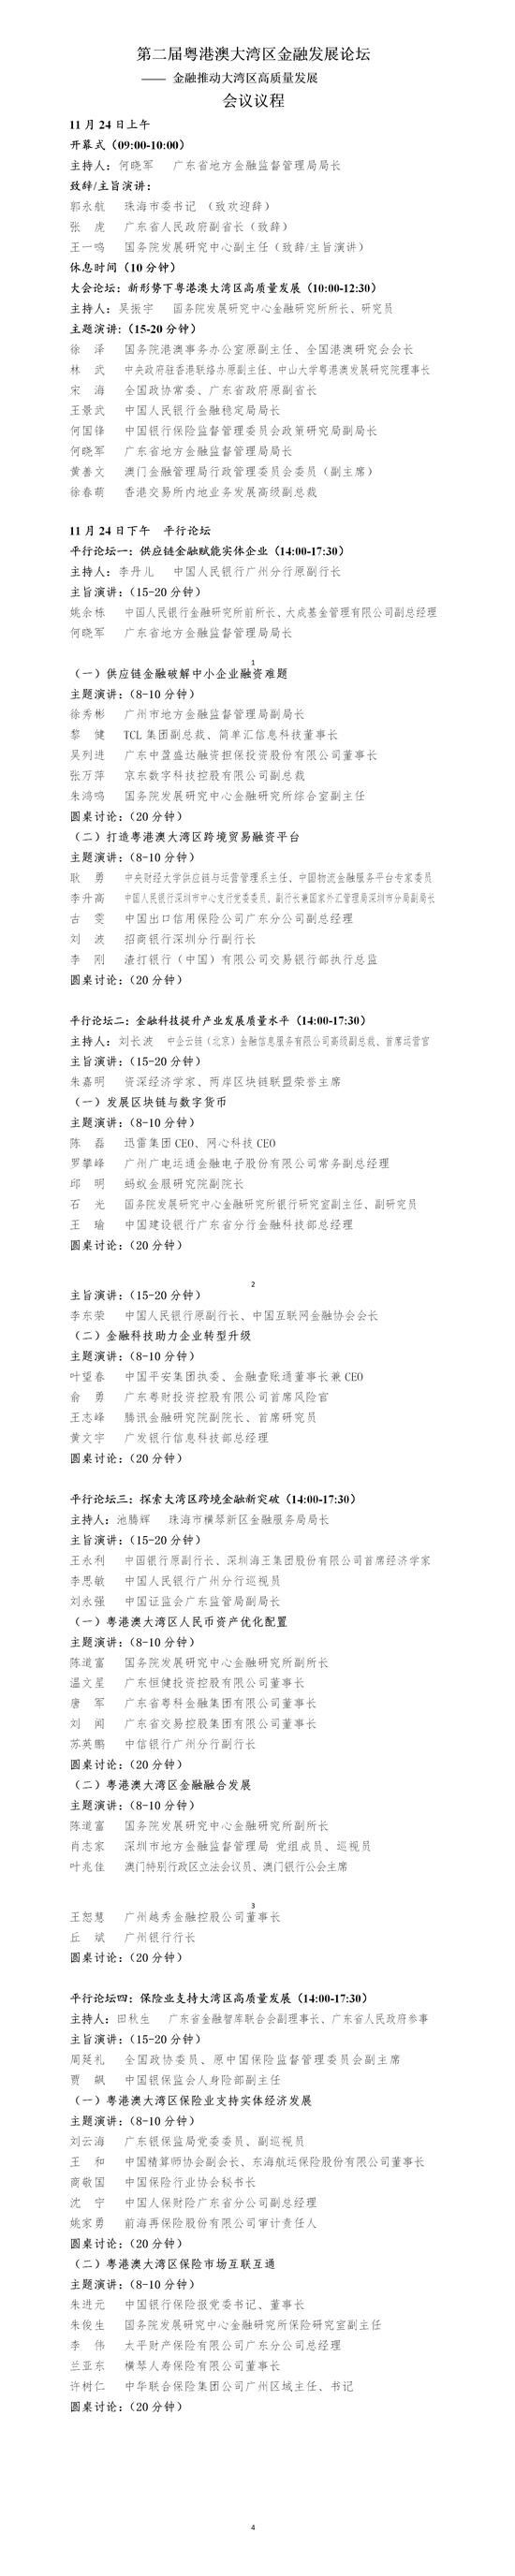 """大运彩票投注平台_DNF:旭旭宝宝""""宝马""""太刀冲击+16失败,明年春节再冲击+17!"""